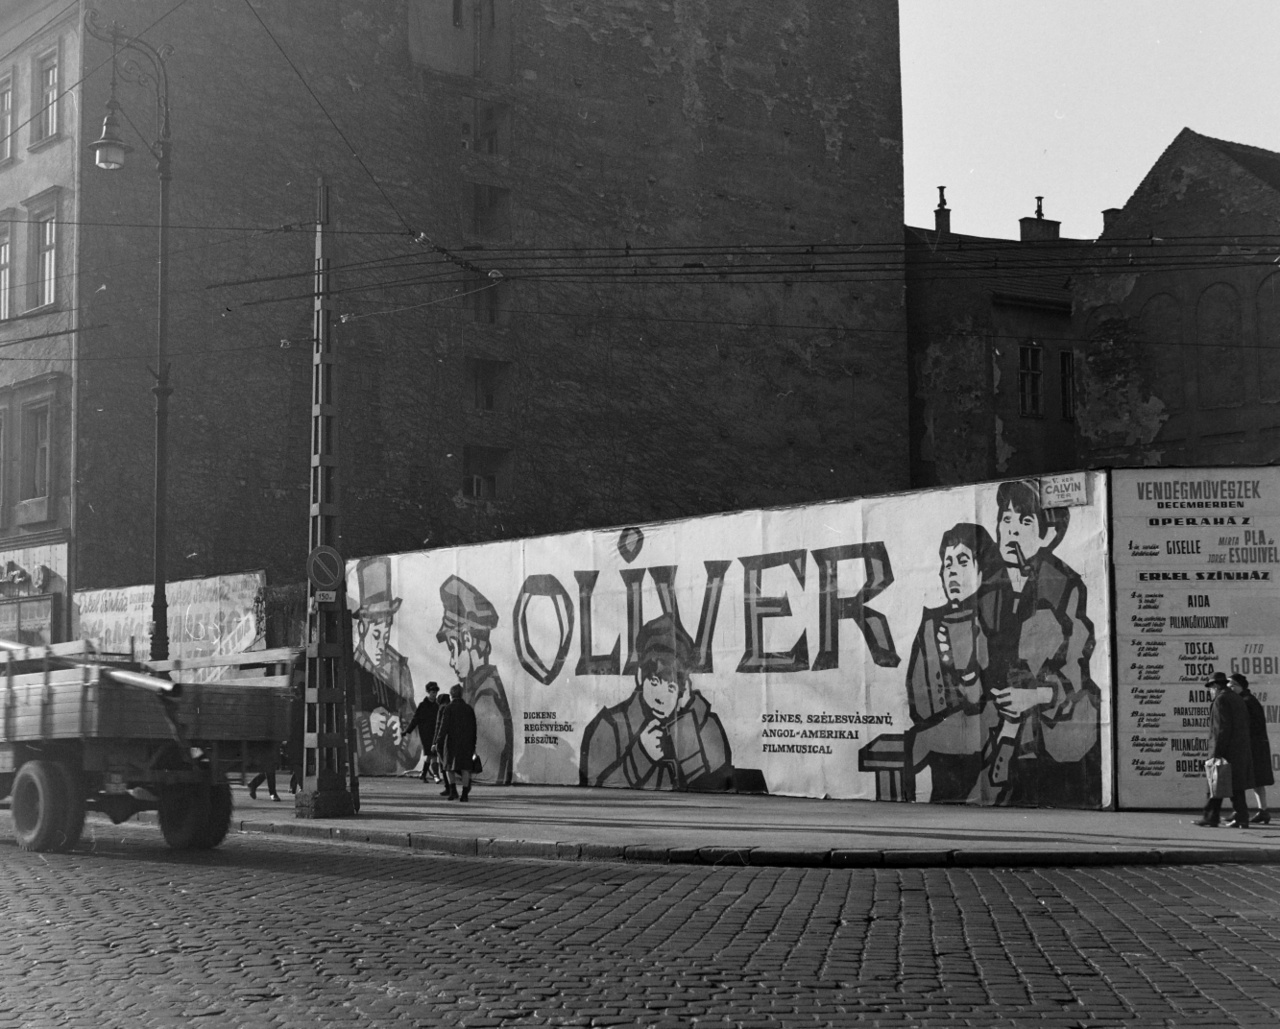 A Twist Olivér történetét feldolgozó Oliver című film Dickens regényének adaptációja volt. A musical 153 perces filmváltozata (Oliver! r.: Carol Reed) 1968-ban készült el, és ma is a legjobb 100 brit film között tartják számon. Itthon 1971-től láthatták a nézők.                          A fotón a járdán sétáló emberalakok mérete jól mutatja milyen óriási méretű plakátok fedték a Kálvin tér 1 sz. foghíjtelkét körülvevő palánkot. A grafika mintha mesekönyvillusztrációt idézne: öt szomorú, 19. századi öltözetű fiú néz a járókelőkre. A cím betűi is könyvszerűek, kis játékosságot engedve. A ködös angliai hangulatot fokozza az enyhén sötét, homályos fotó, ahol a macskaköveken egy túlméretezett csövet szállító régi, fadeszkázatú teherautó hajt keresztül. A filmplakát két oldalán az Operaház és az Erkel színház hirdeti műsorait olyan sztárokkal mint a kubai Mirta Pla és Jorge Esquivel balettáncosok, vagy az olasz bariton, Tito Gobbi. A kép baloldalán, az első épület aljában fényképész üzlet hirdeti szolgáltatásait, míg a jobb alsó sarokban egy autó suhan ki a képből.